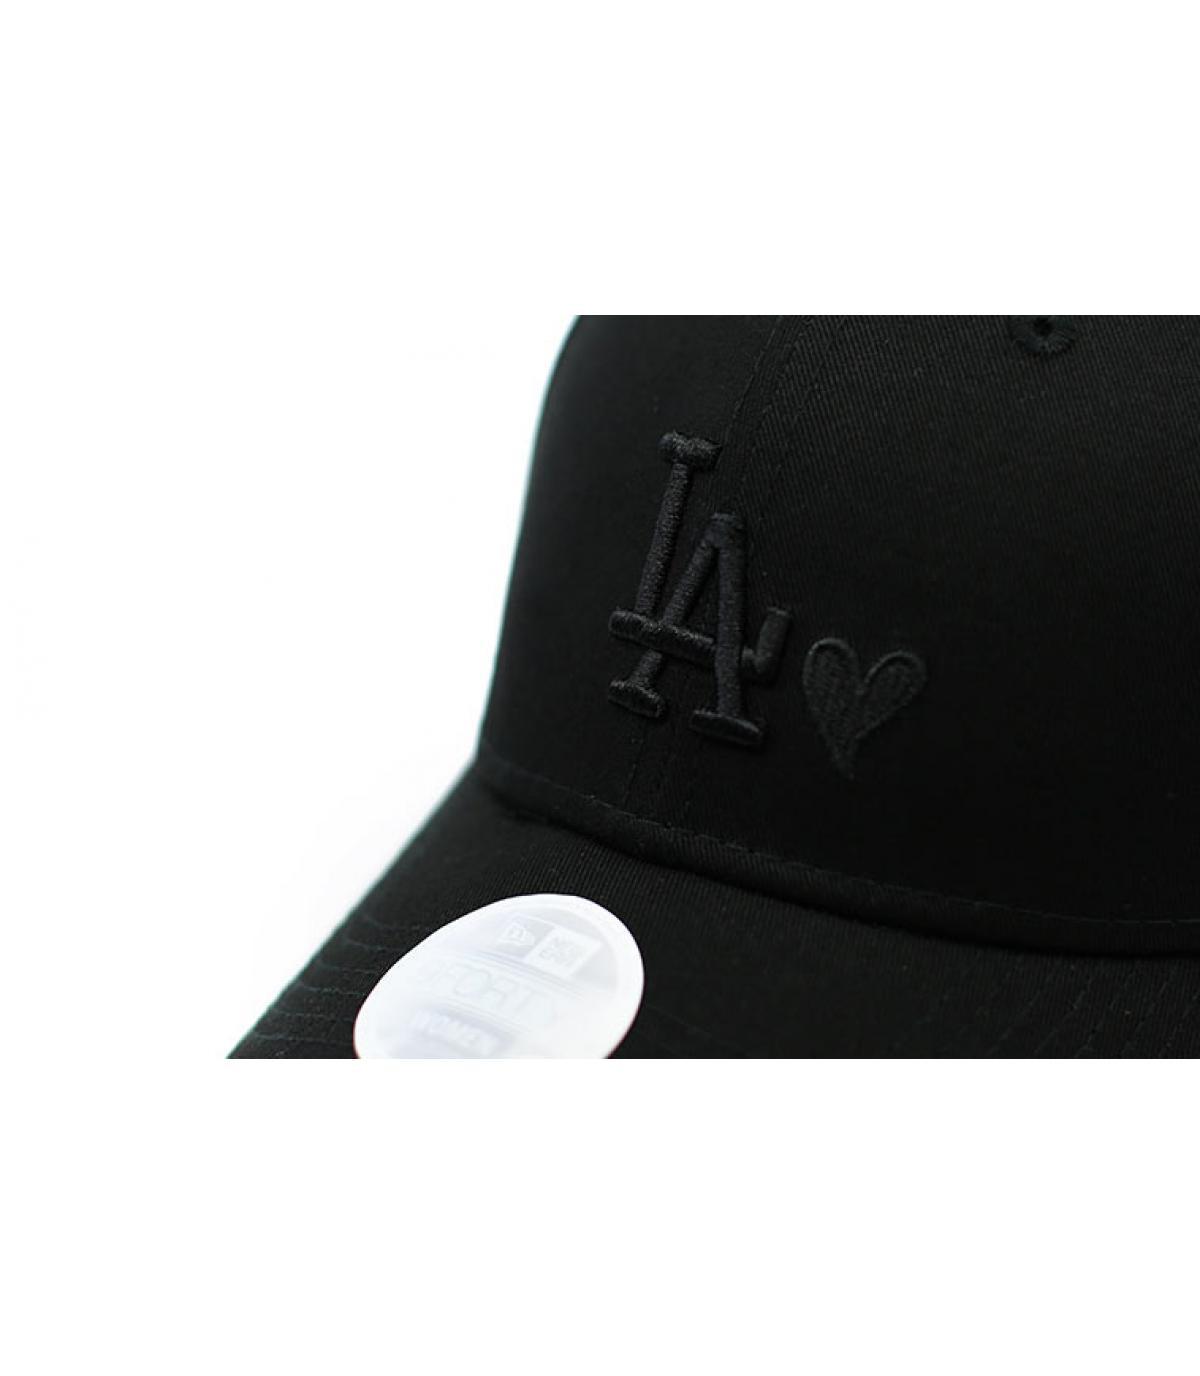 Details Casquette Wmns Heart LA 940 black - afbeeling 3